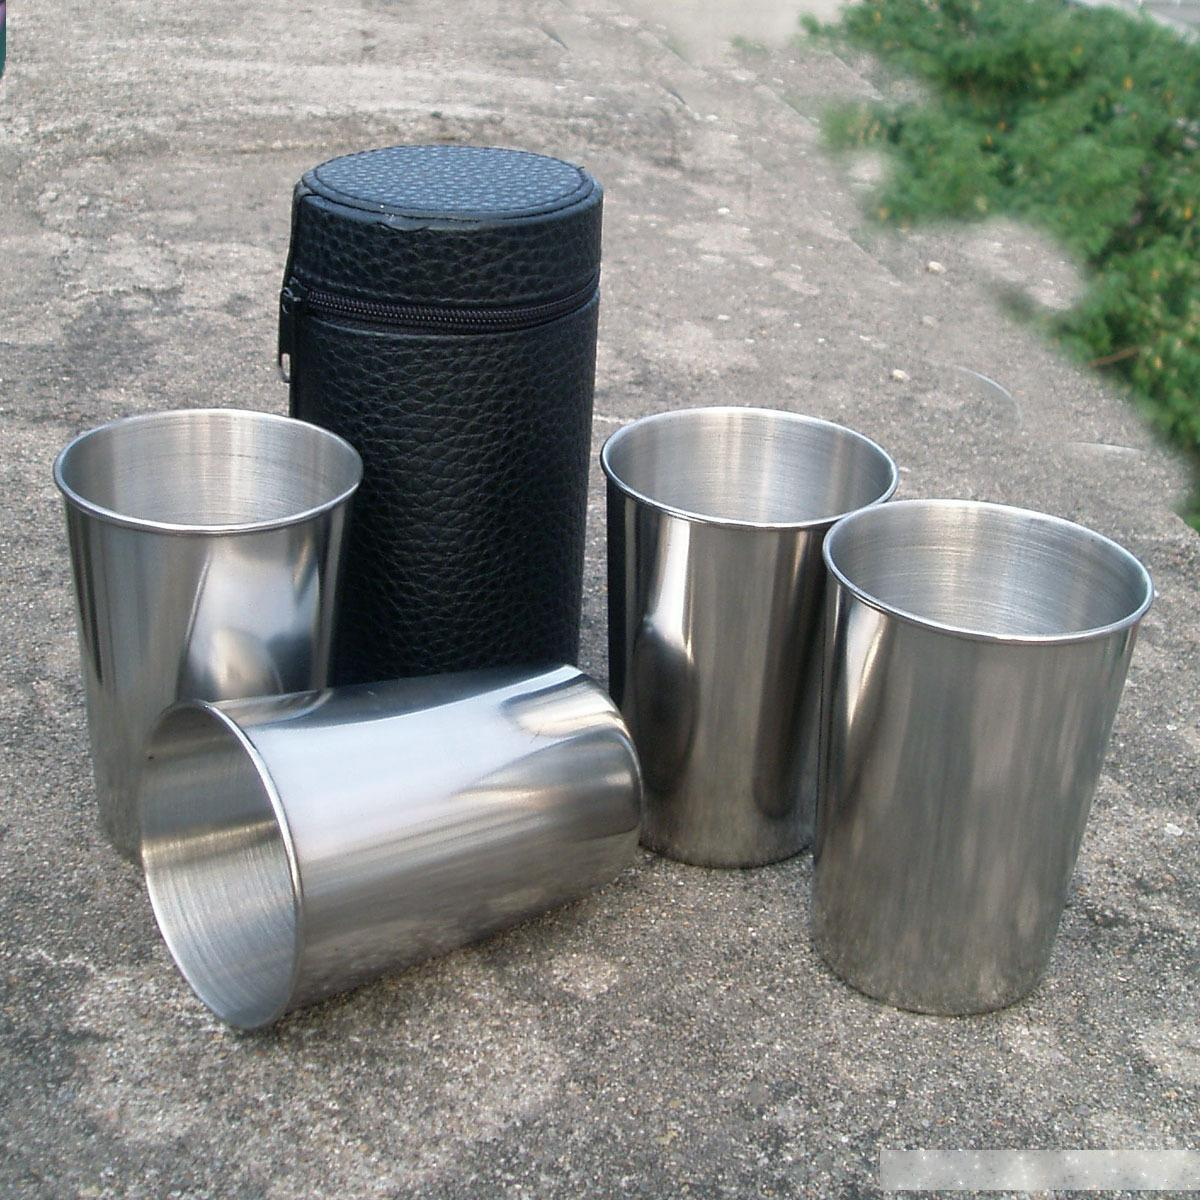 50 мешков (4шт / сумка) 155 мл стали из нержавеющей стали, 4шт в одной кожаной сумке